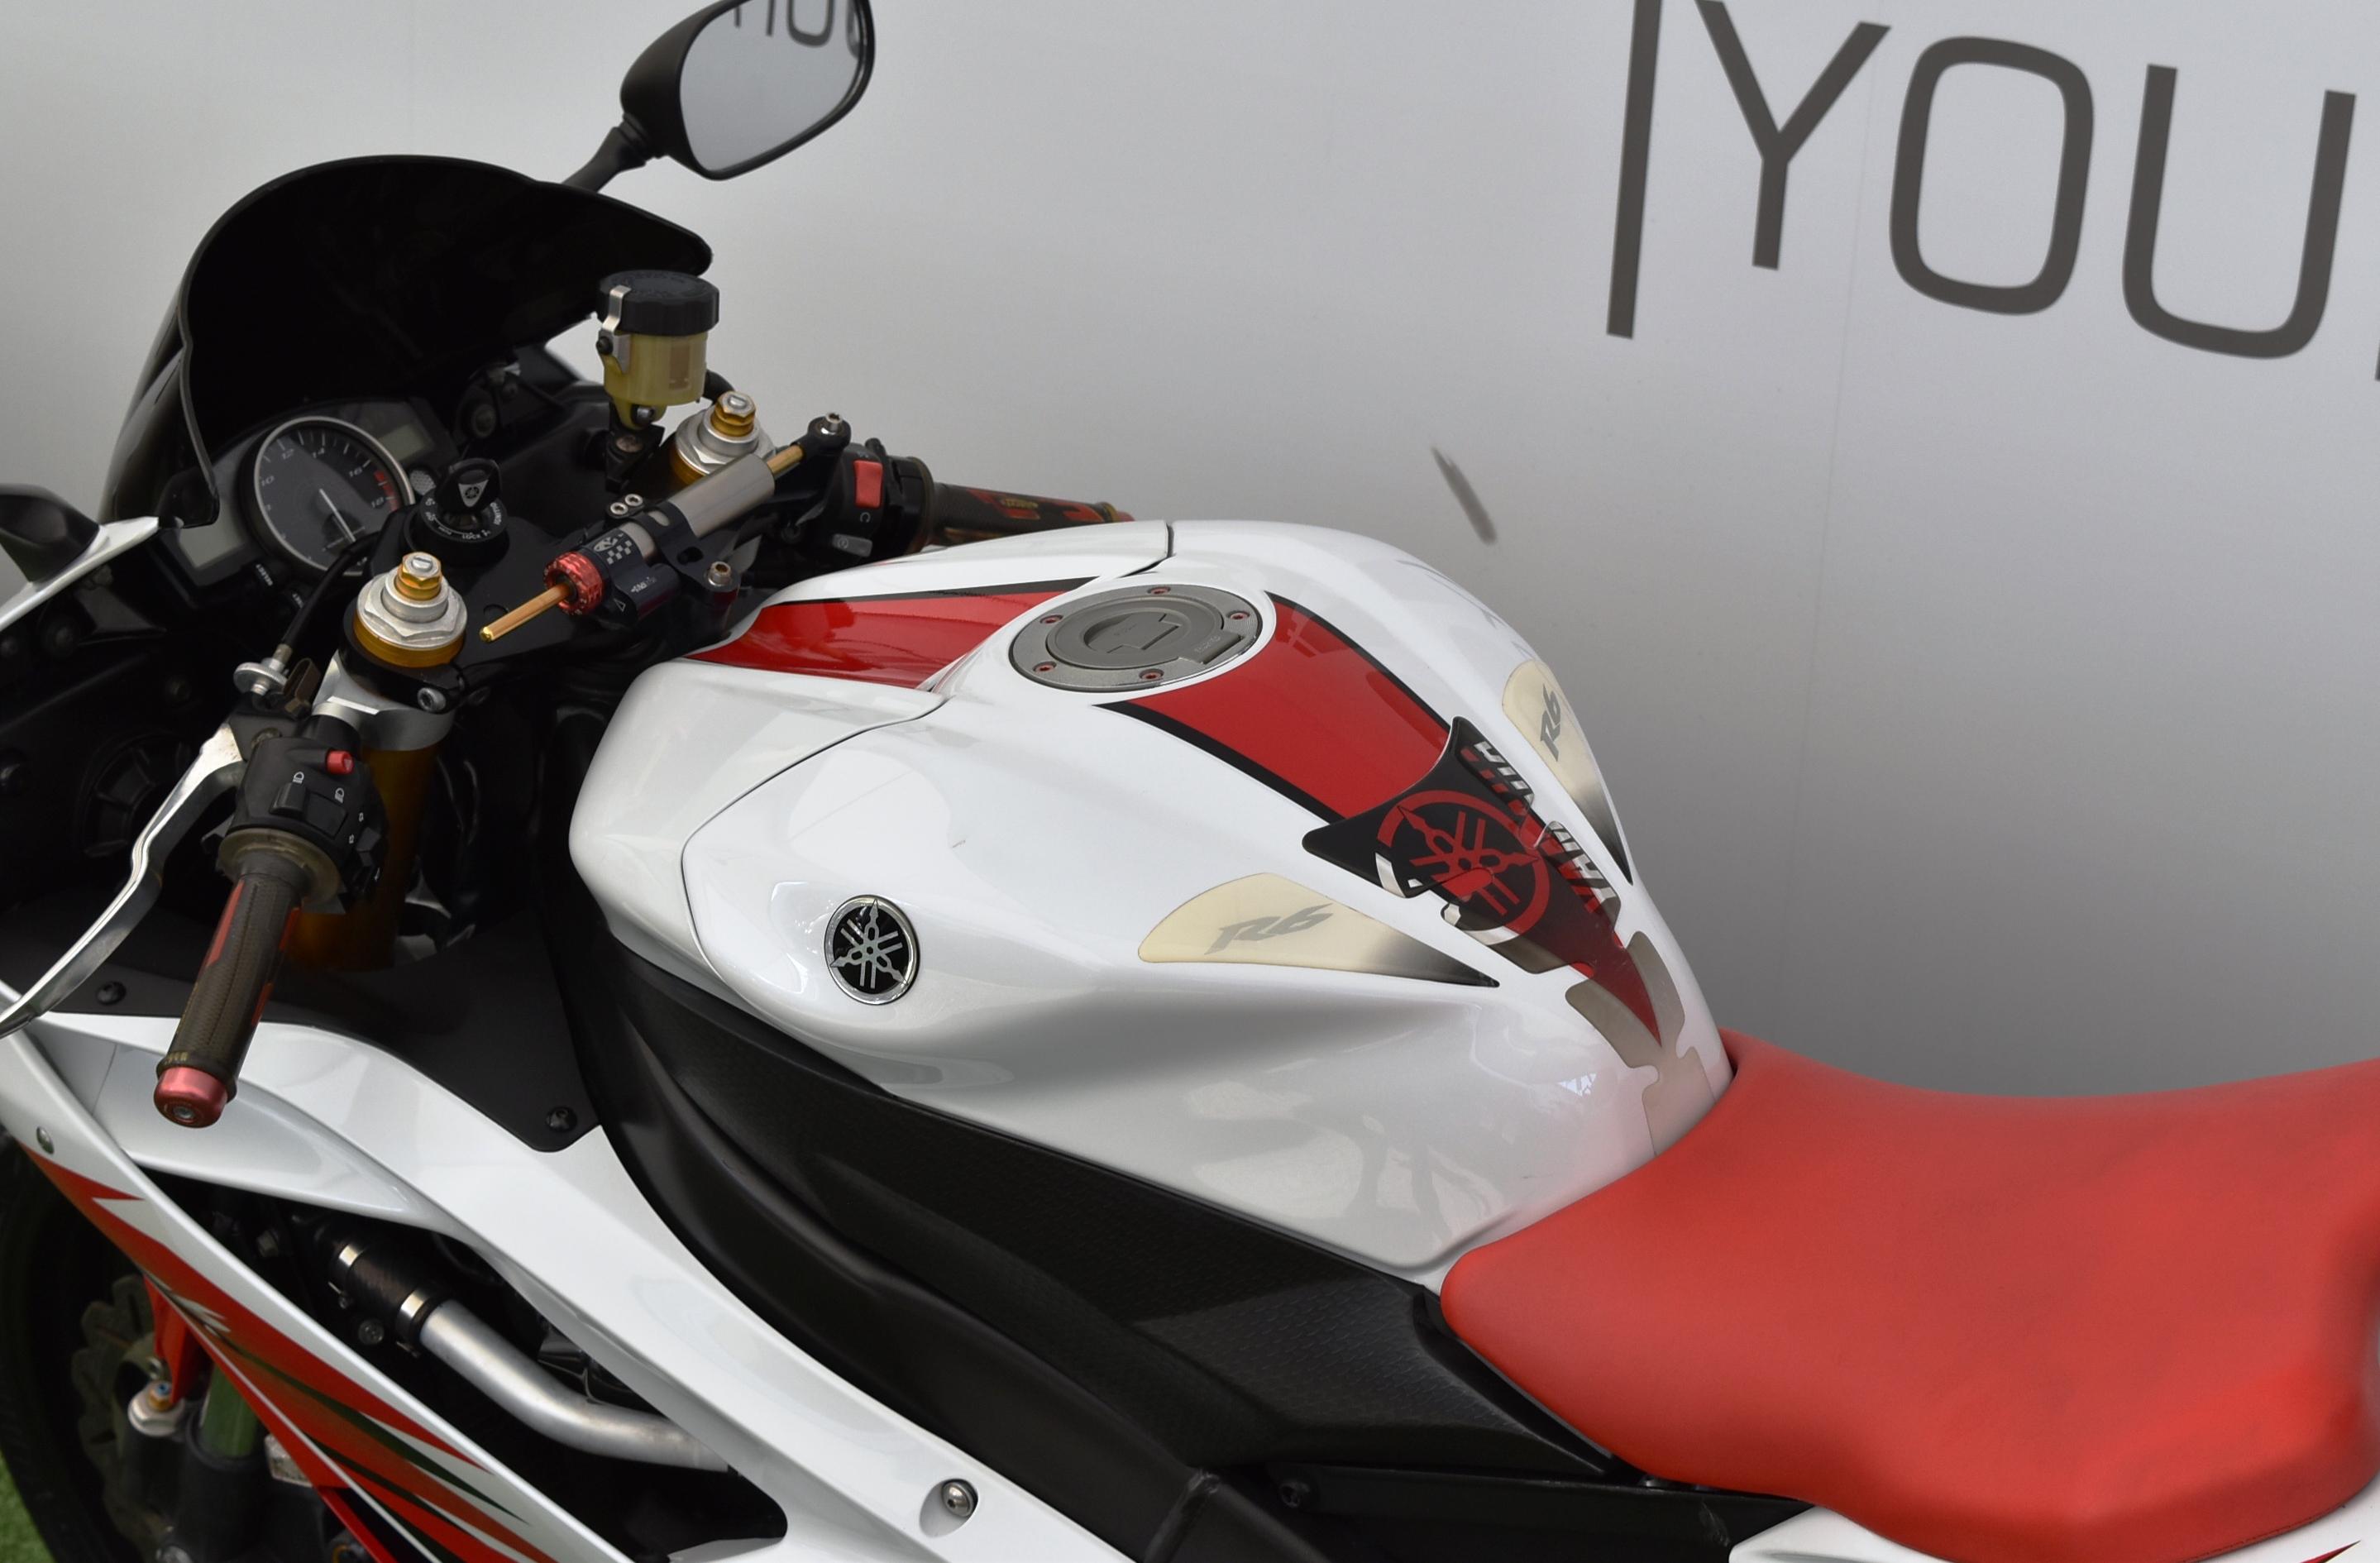 YAMAHA R6 – 2006